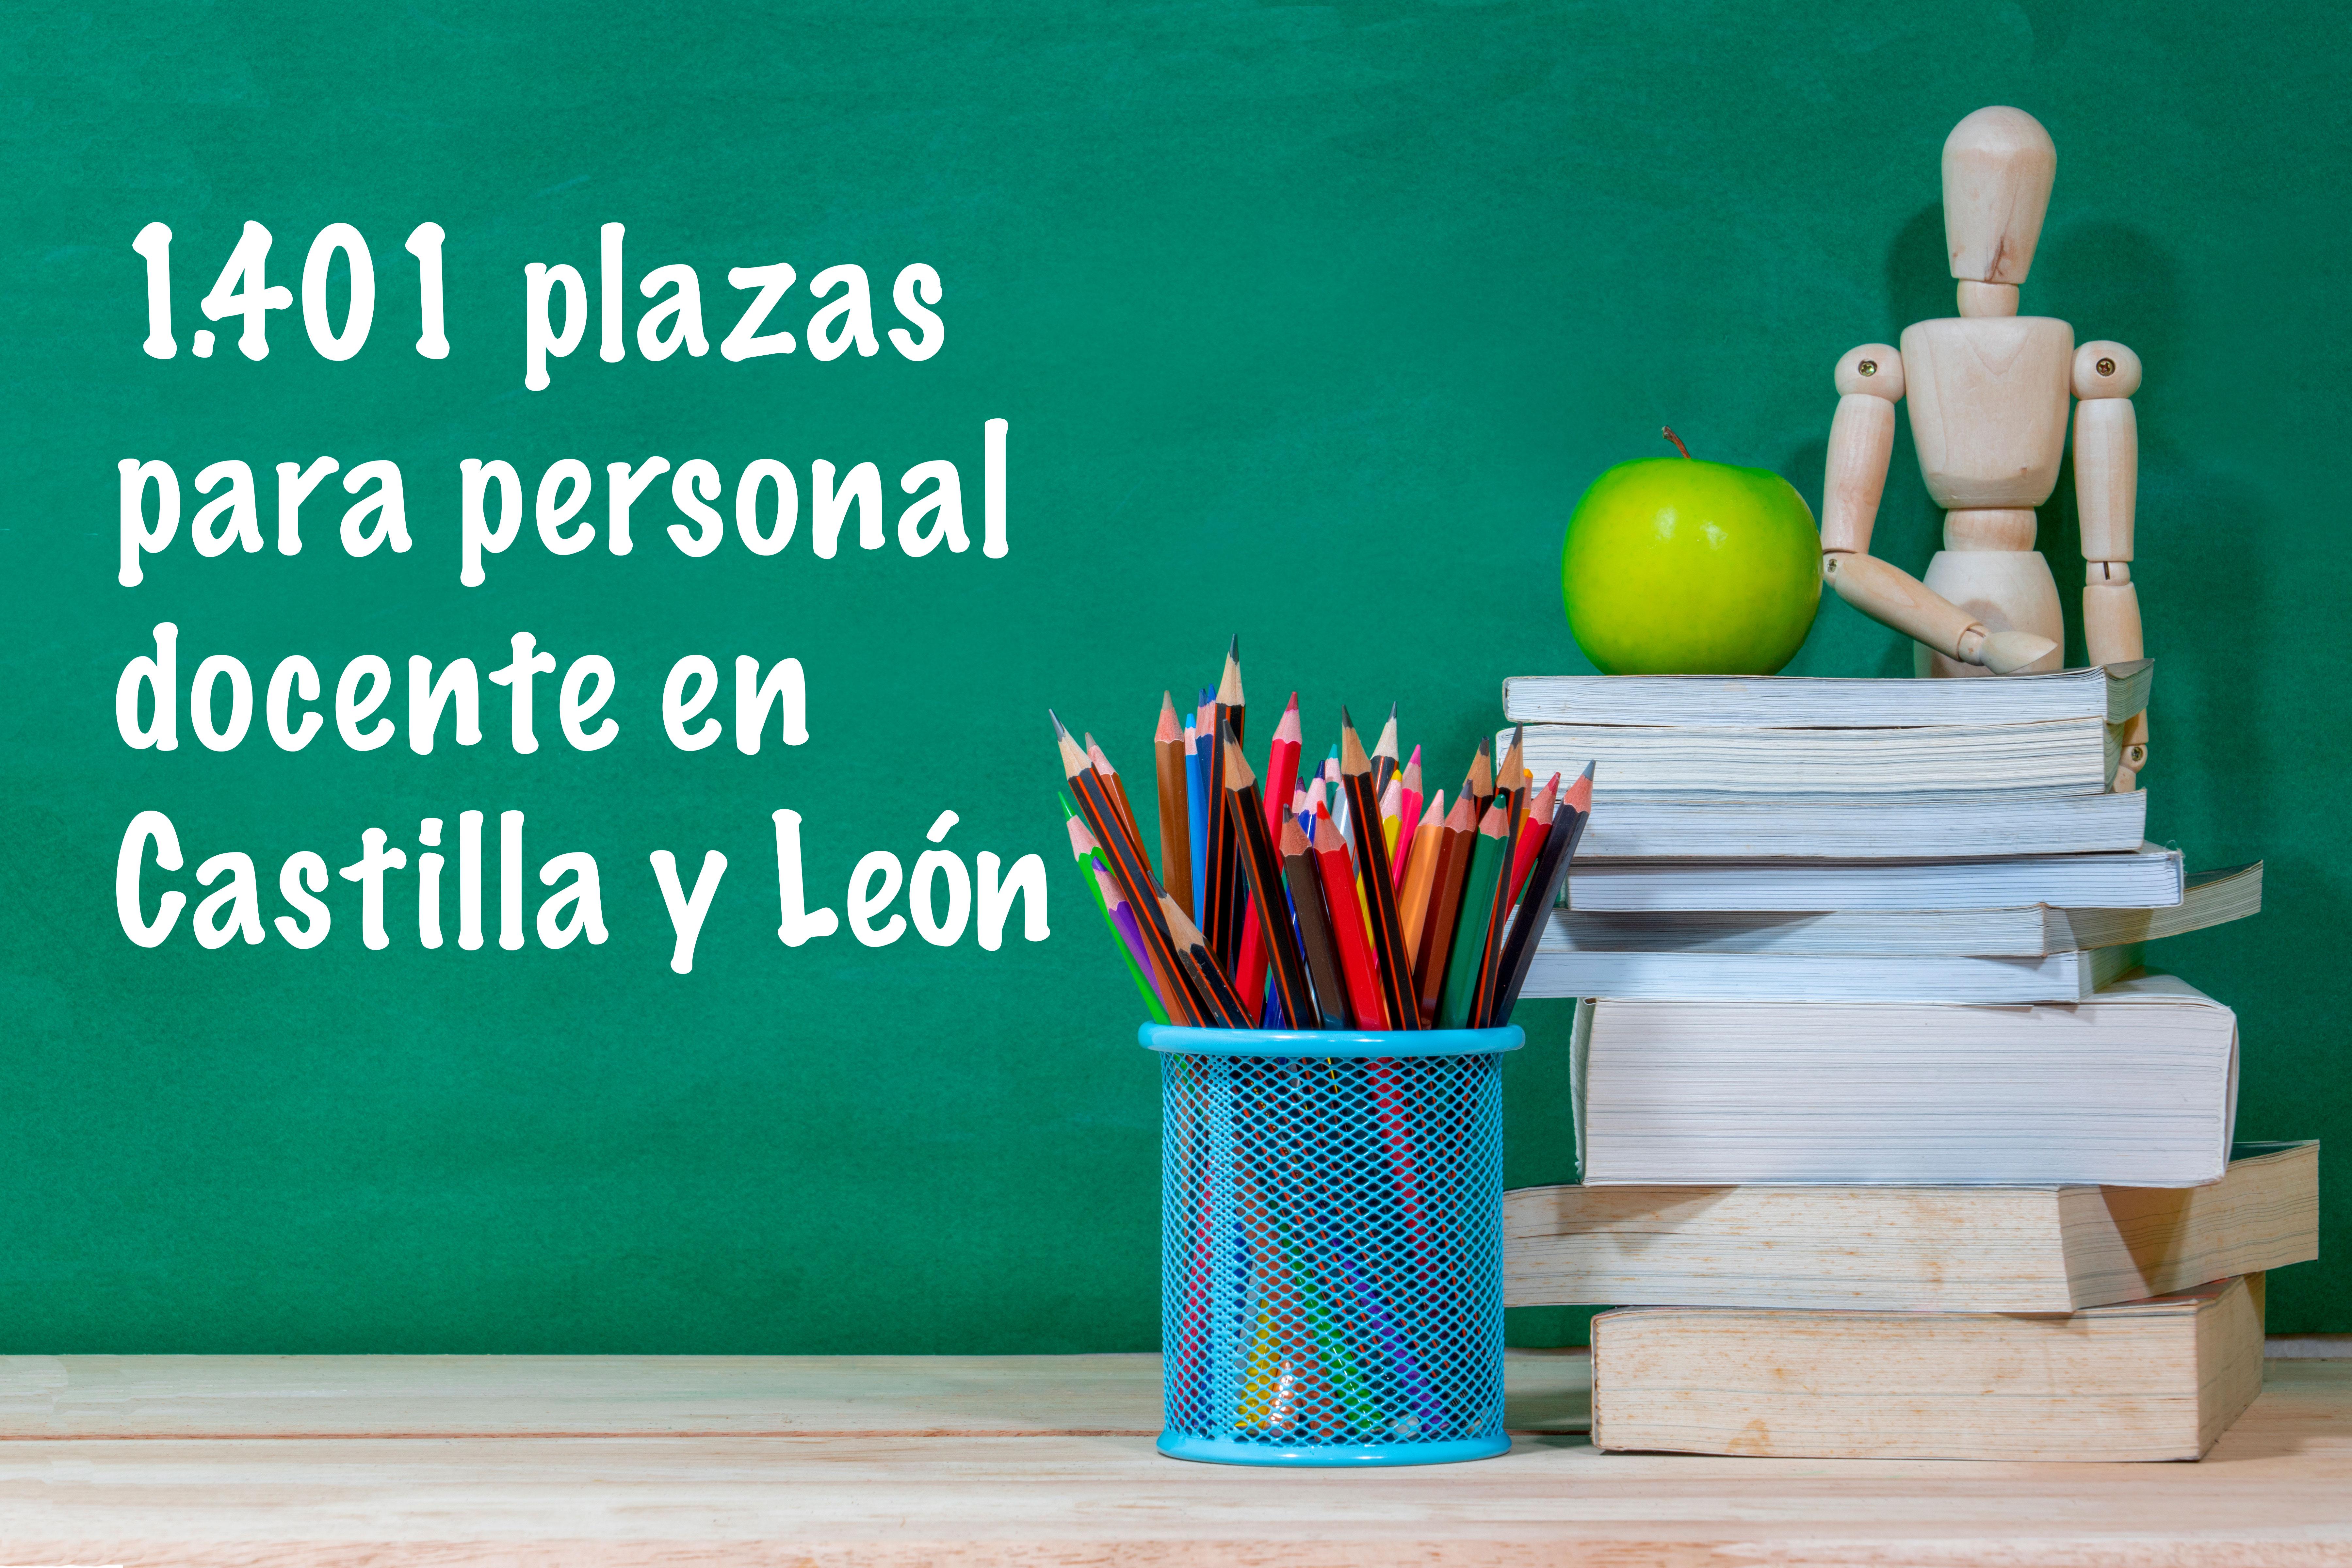 1.401 plazas para personal docente en Castilla y León